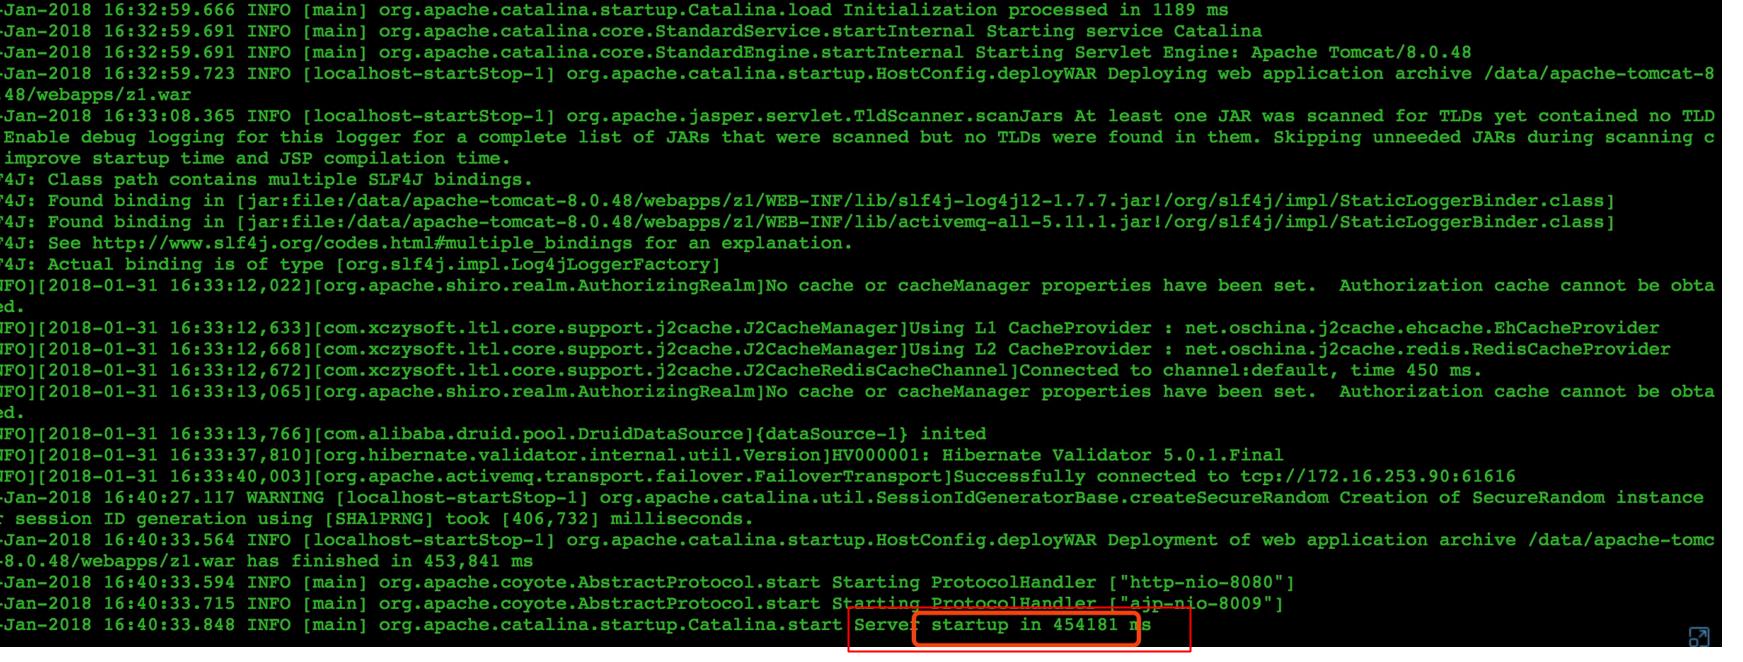 使用阿里云服务器Tomcat服务启动非常缓慢的解决方案